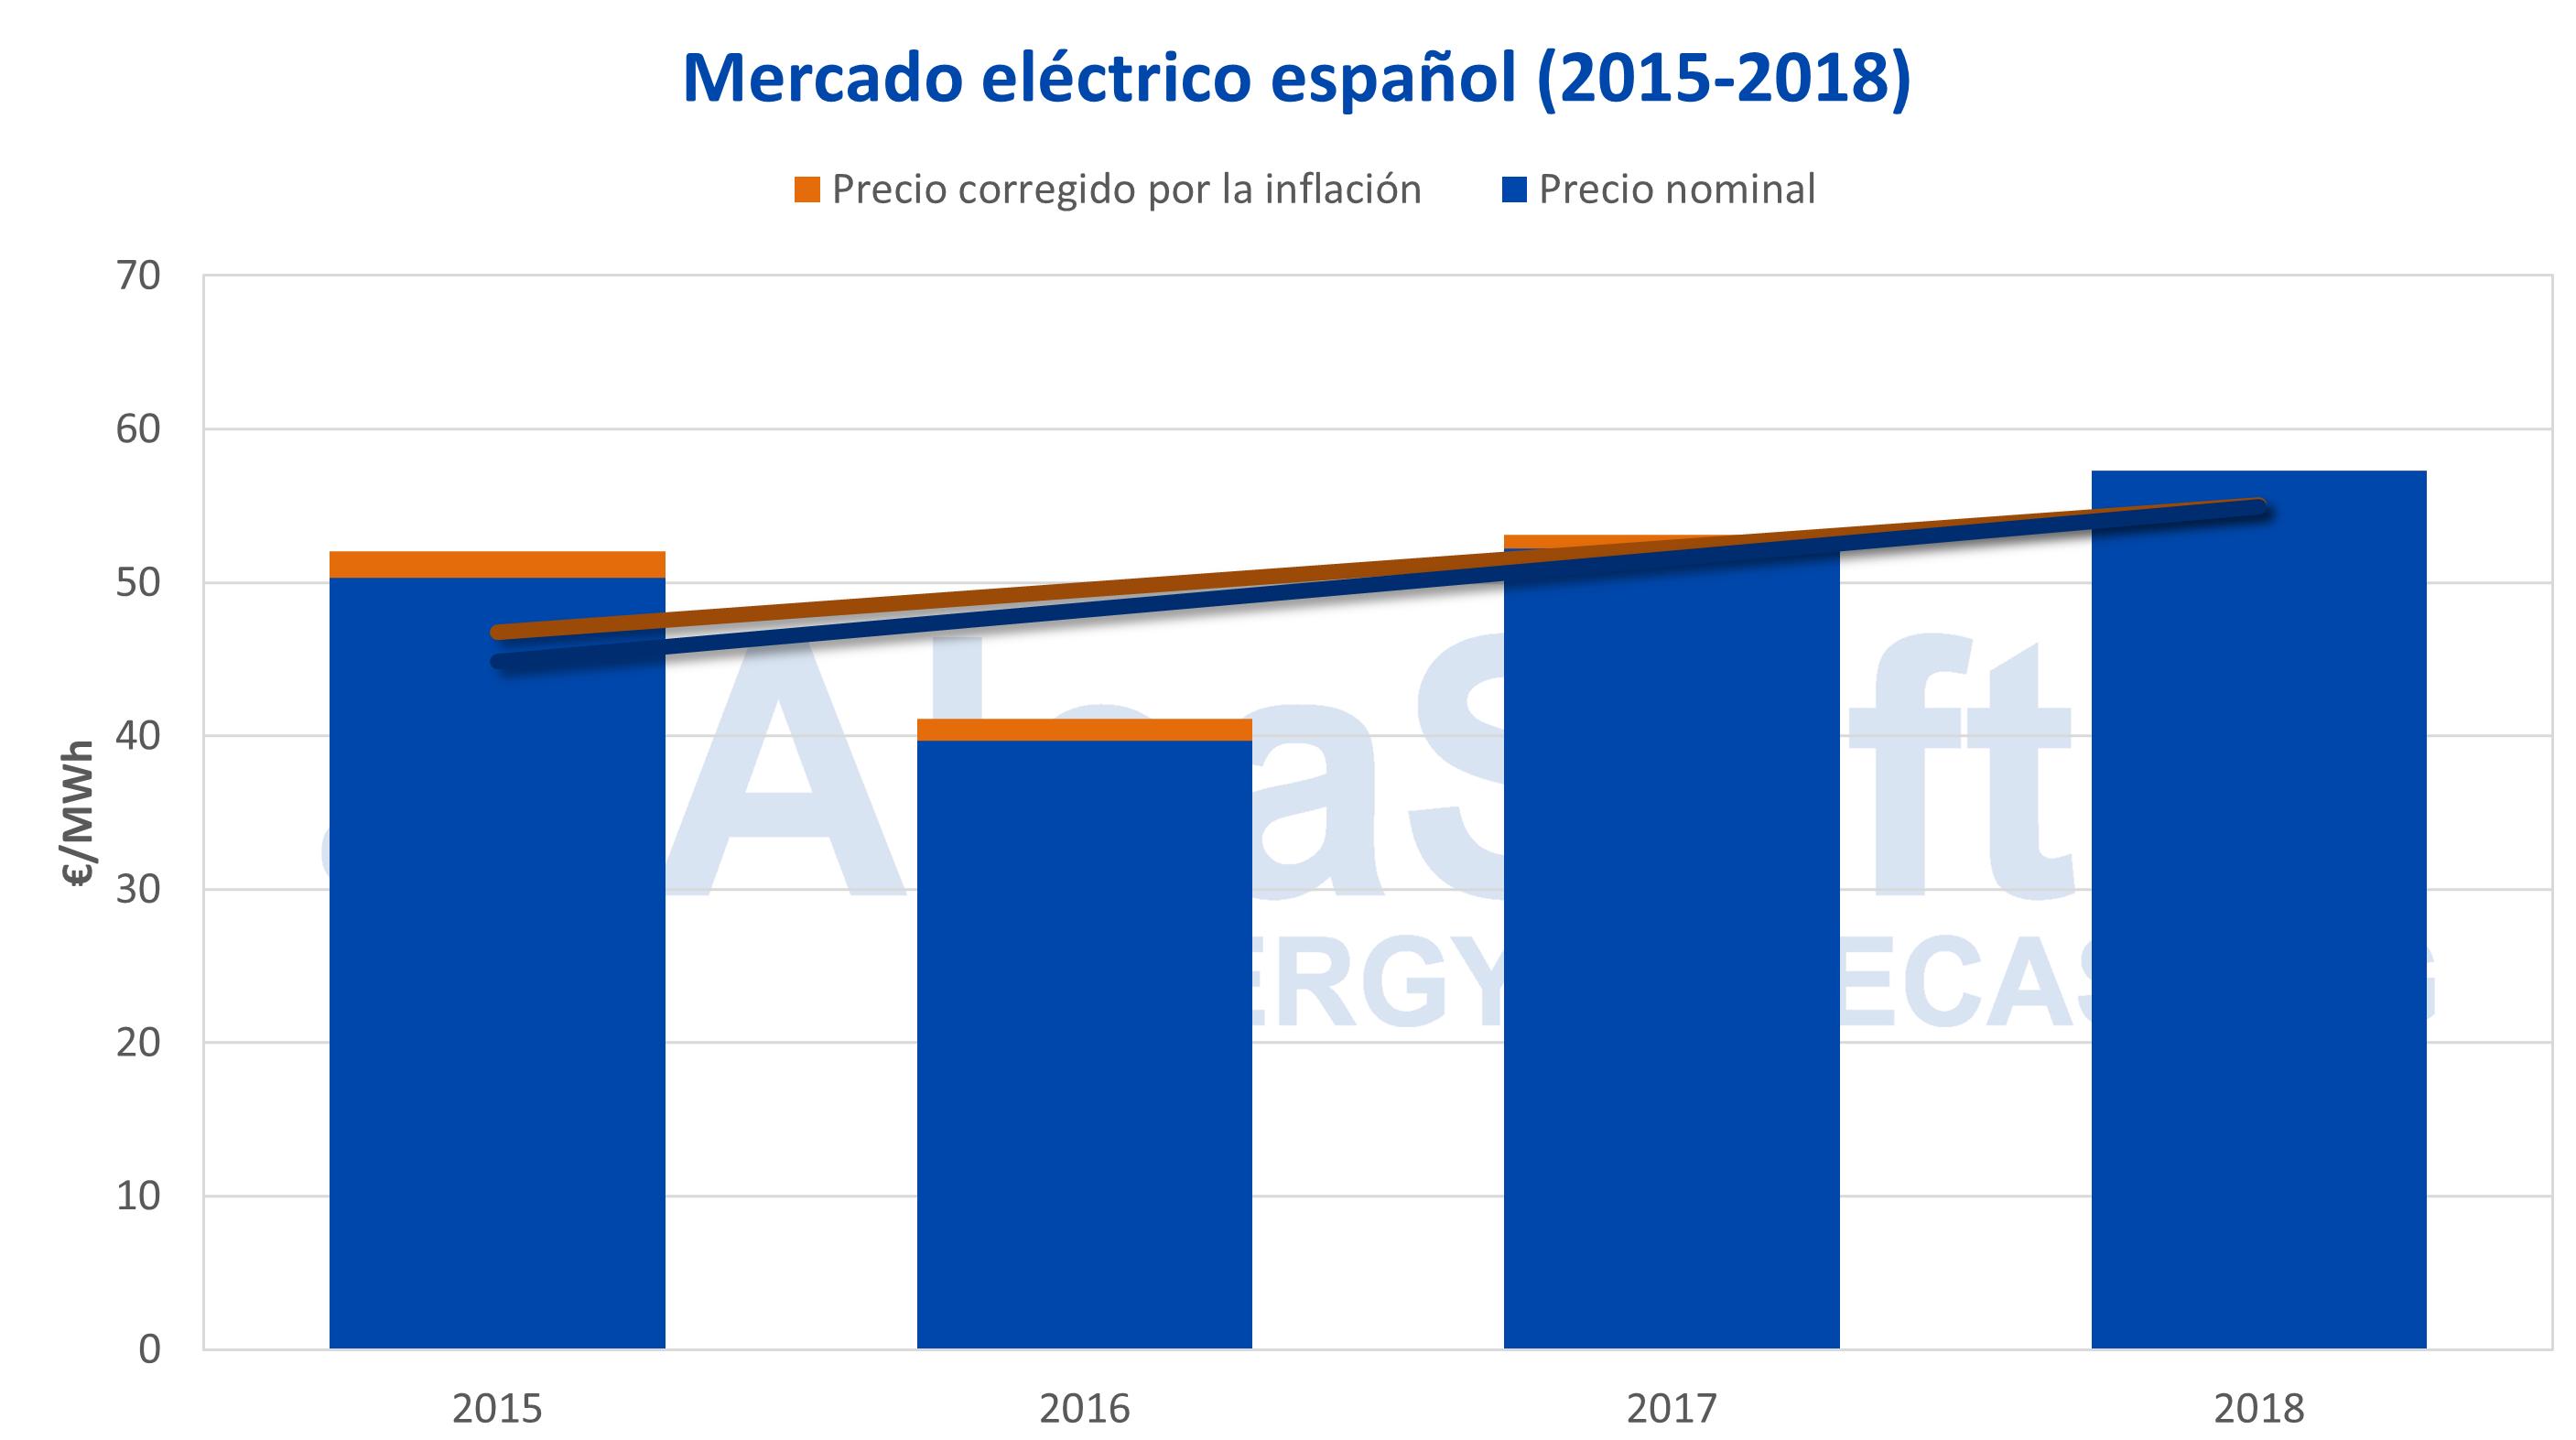 AleaSoft - Precio mercado eléctrico español corregido inflación IPC 2015-2018